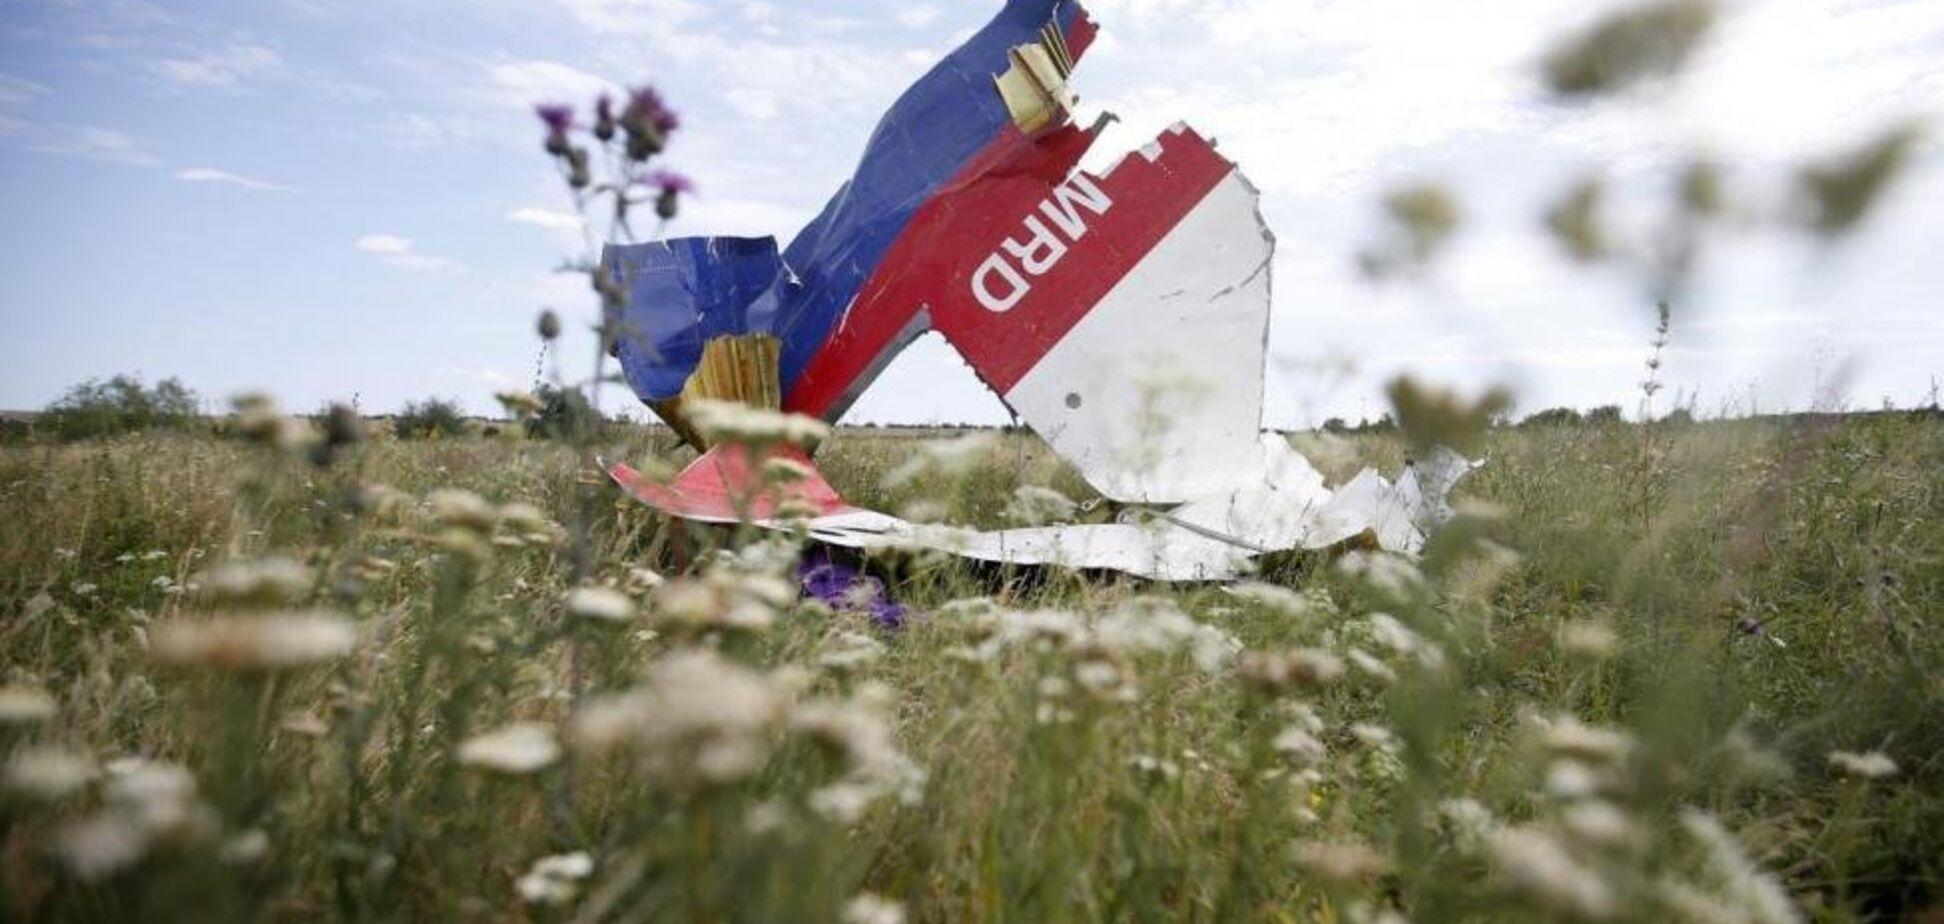 С кастрюлей на голове: российские СМИ опозорились фейком о катастрофе MH17 над Донбассом